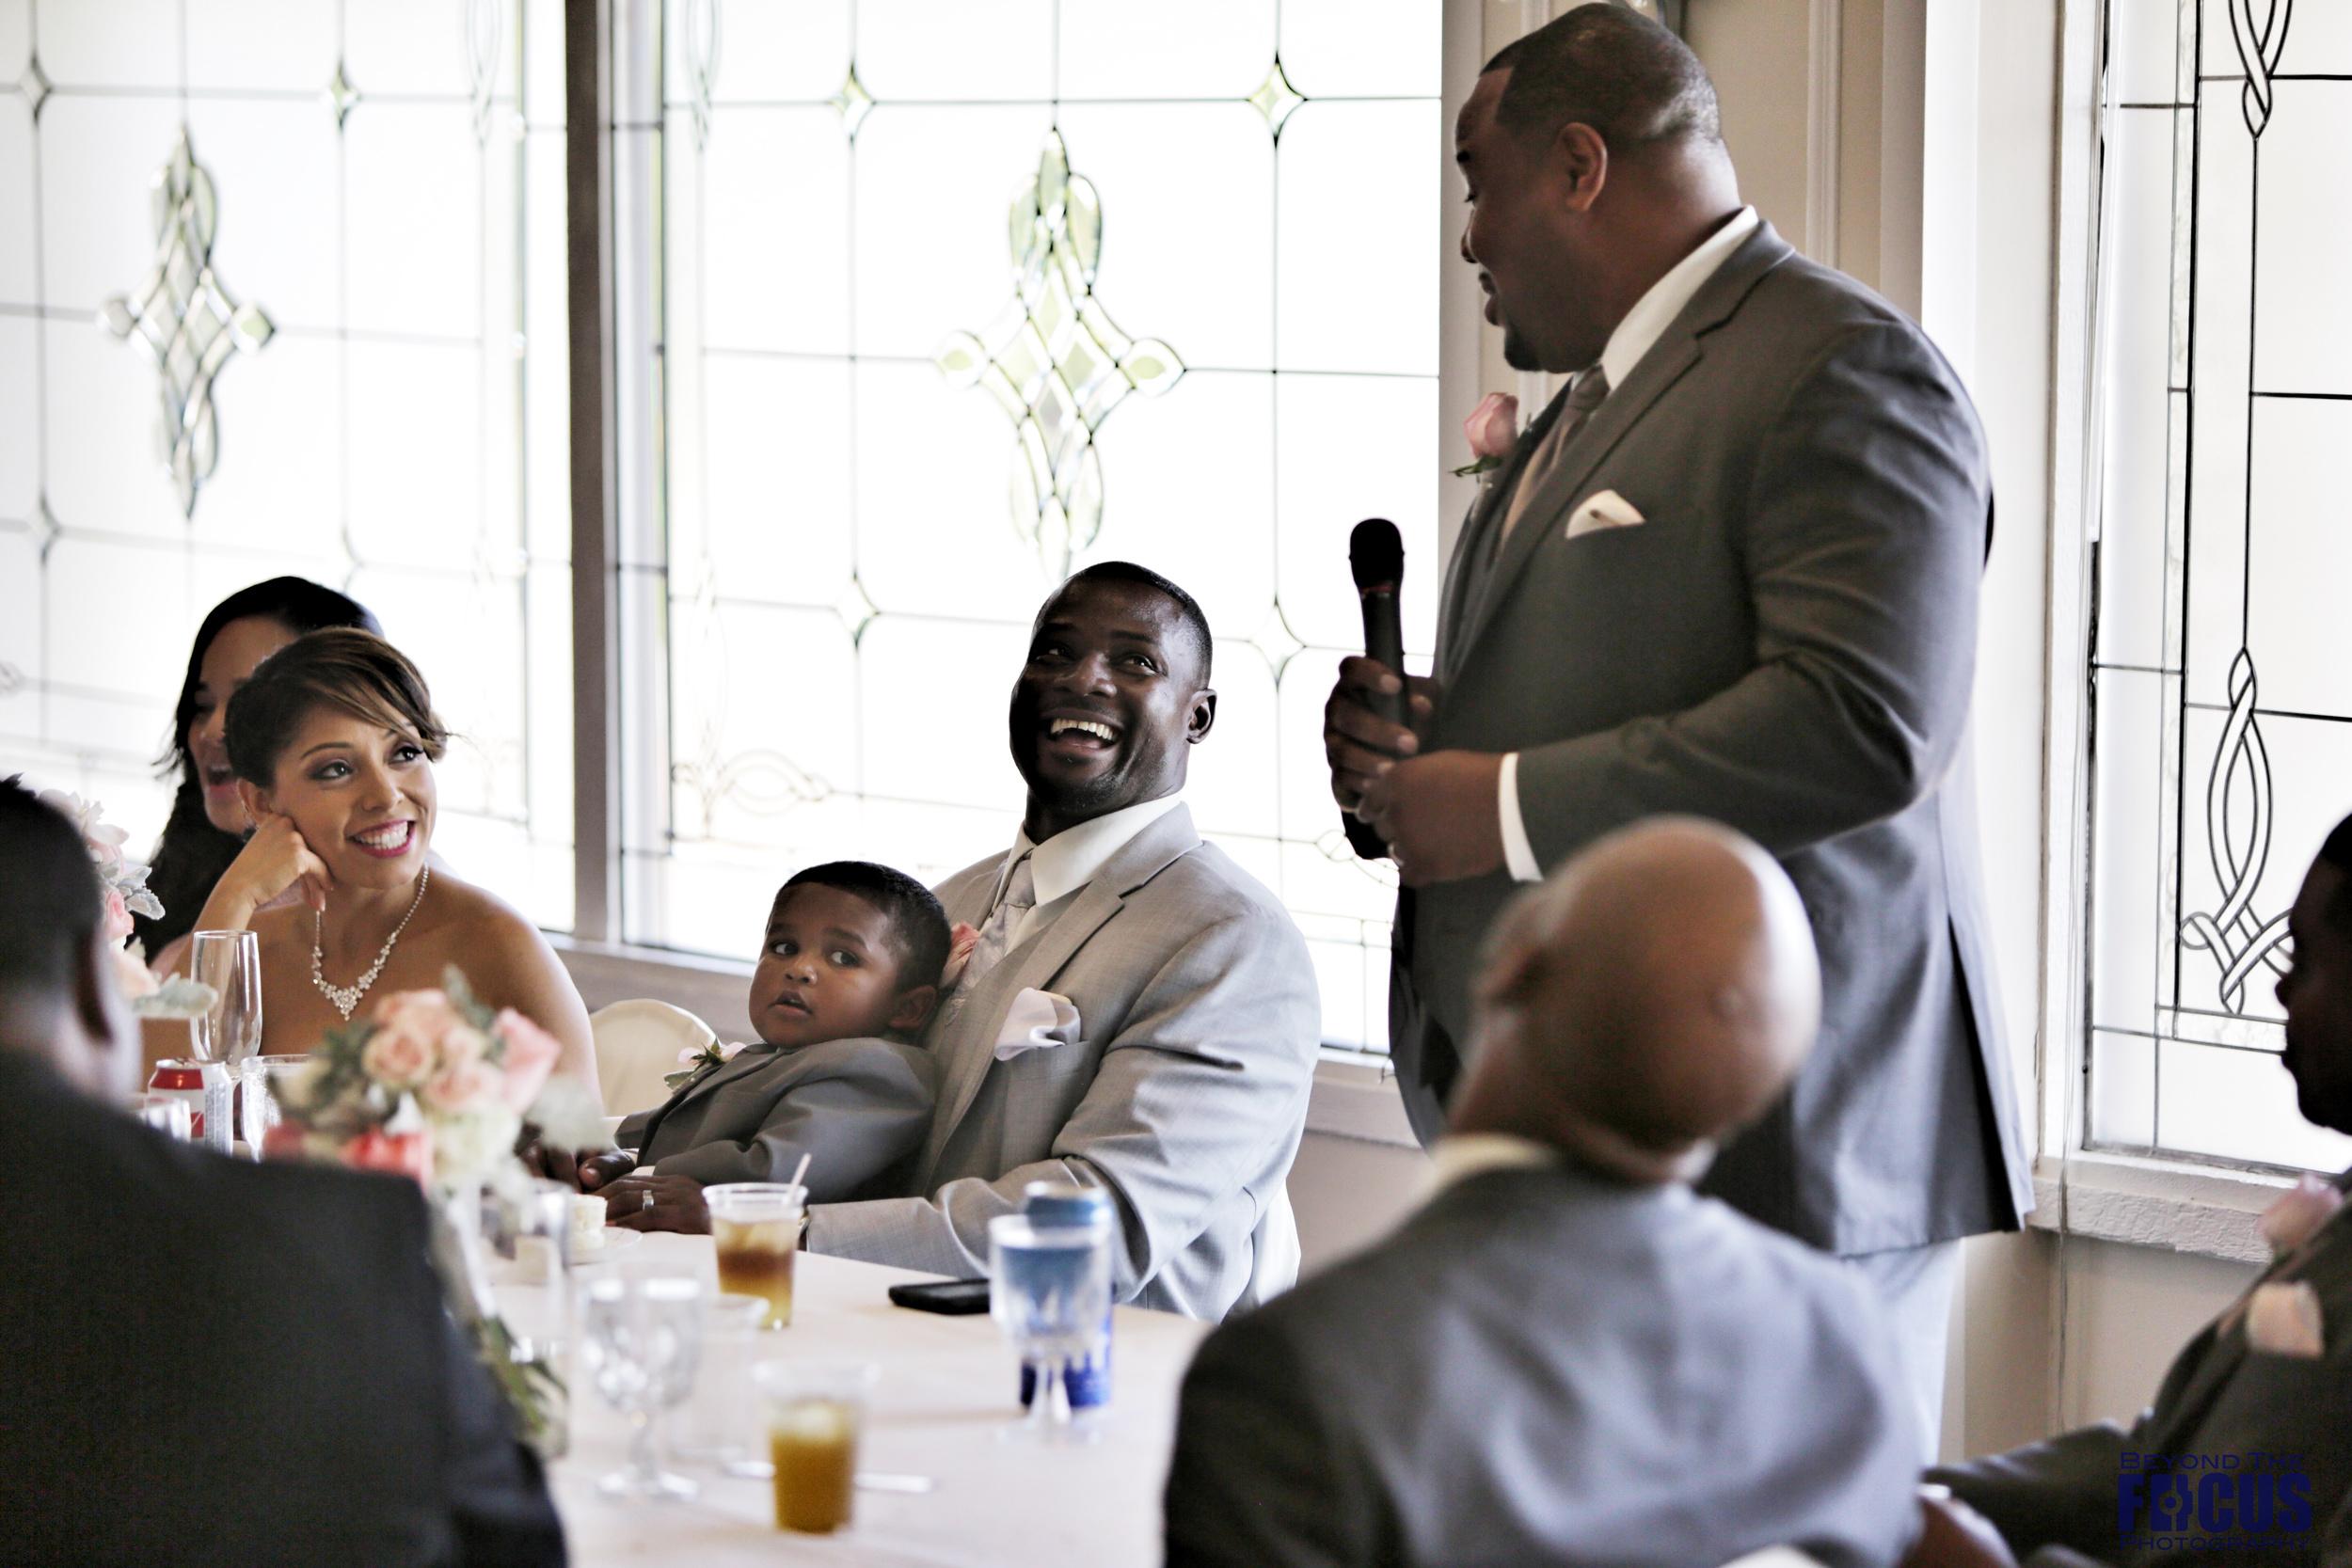 Palmer Wedding - Wedding Reception31.jpg